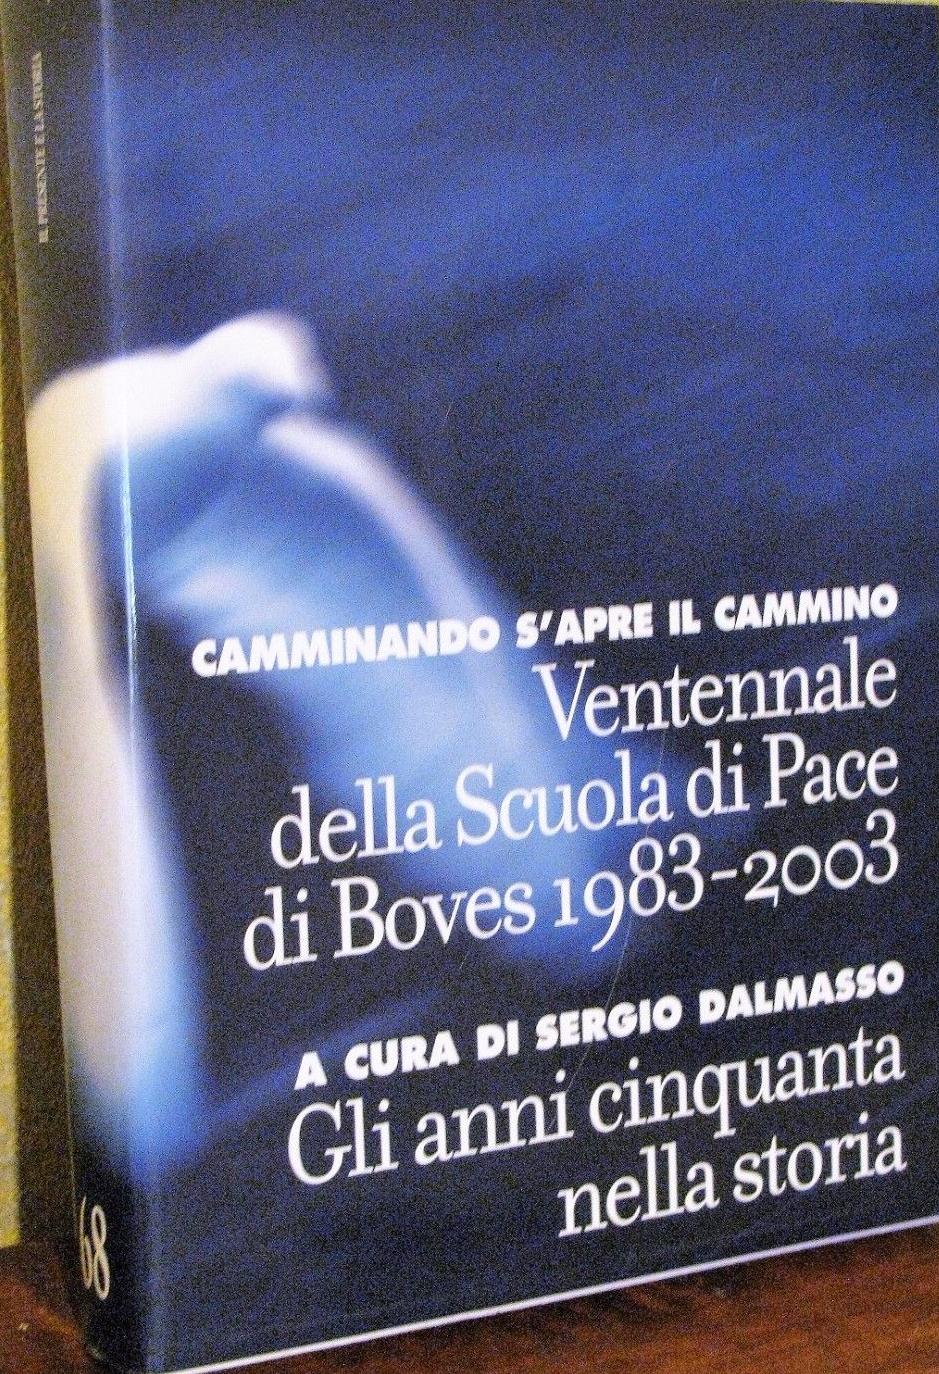 Gli anni Cinquanta nella storia a cura di Sergio Dalmasso